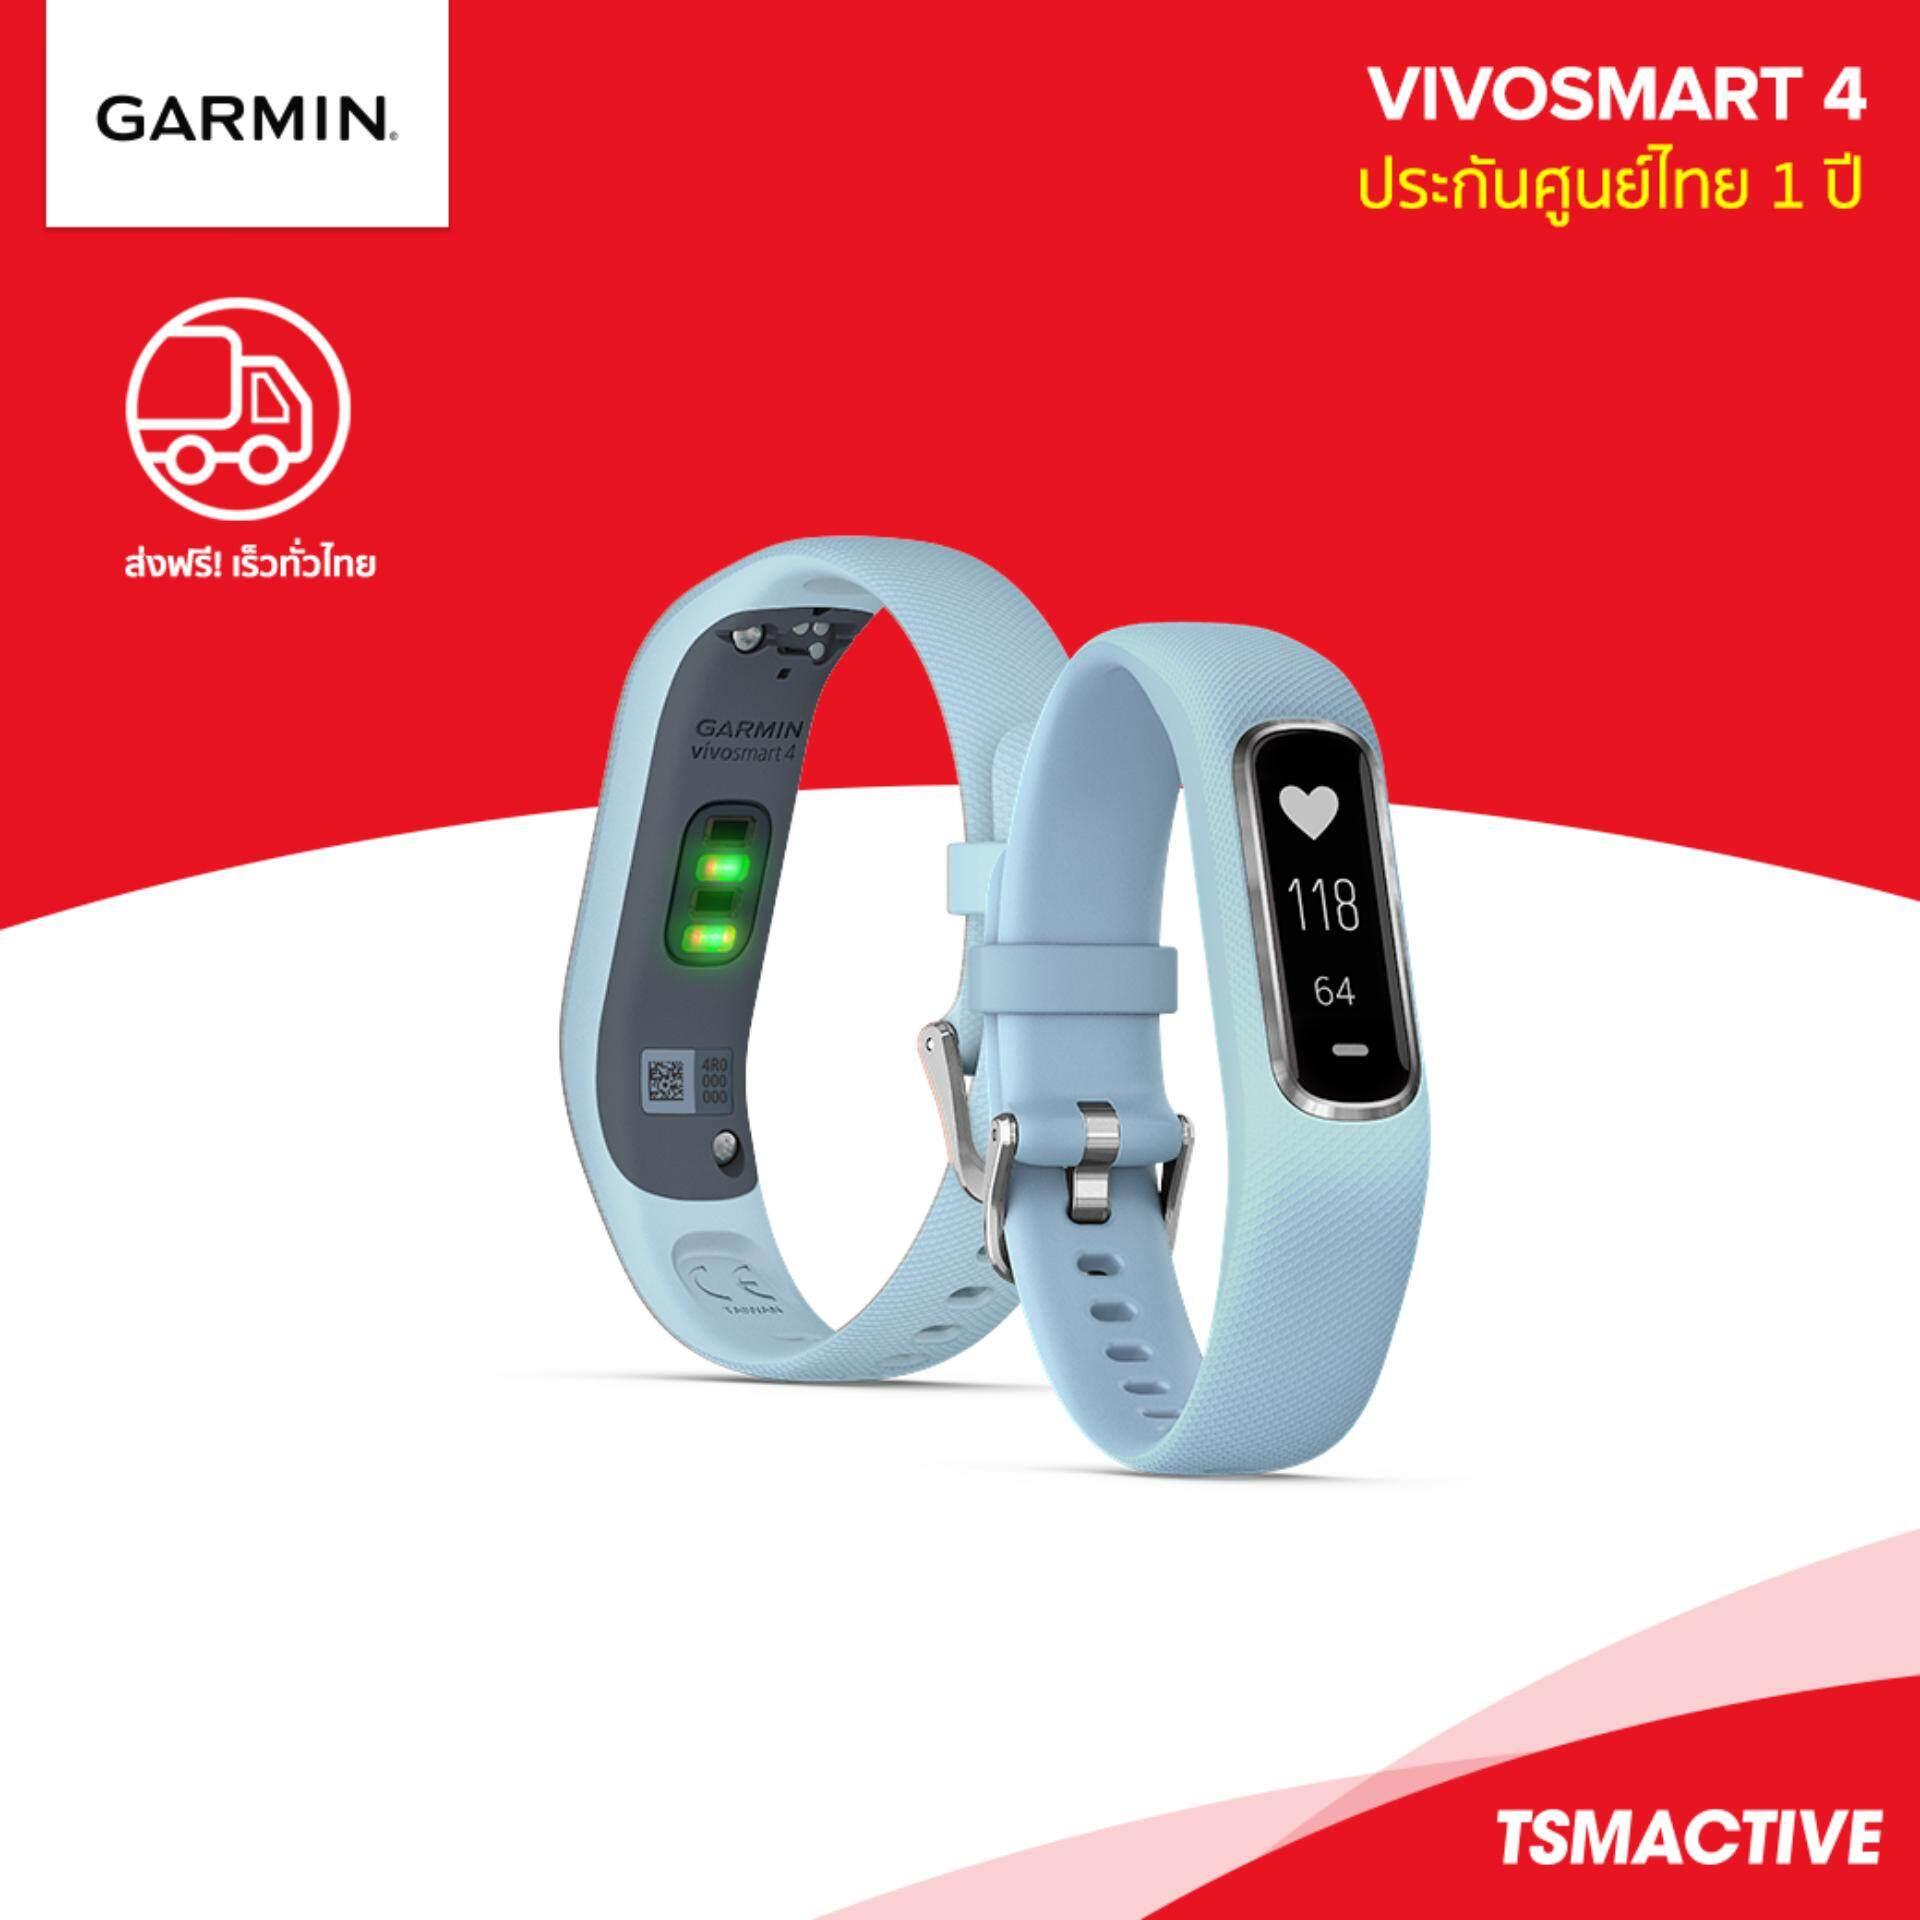 การใช้งาน  อุบลราชธานี Garmin Vivosmart 4 (ฟ้า/S-M) สายรัดข้อมือฟิตเนส ติดตามสุขภาพตลอดวัน (ประกันศูนย์ไทย)